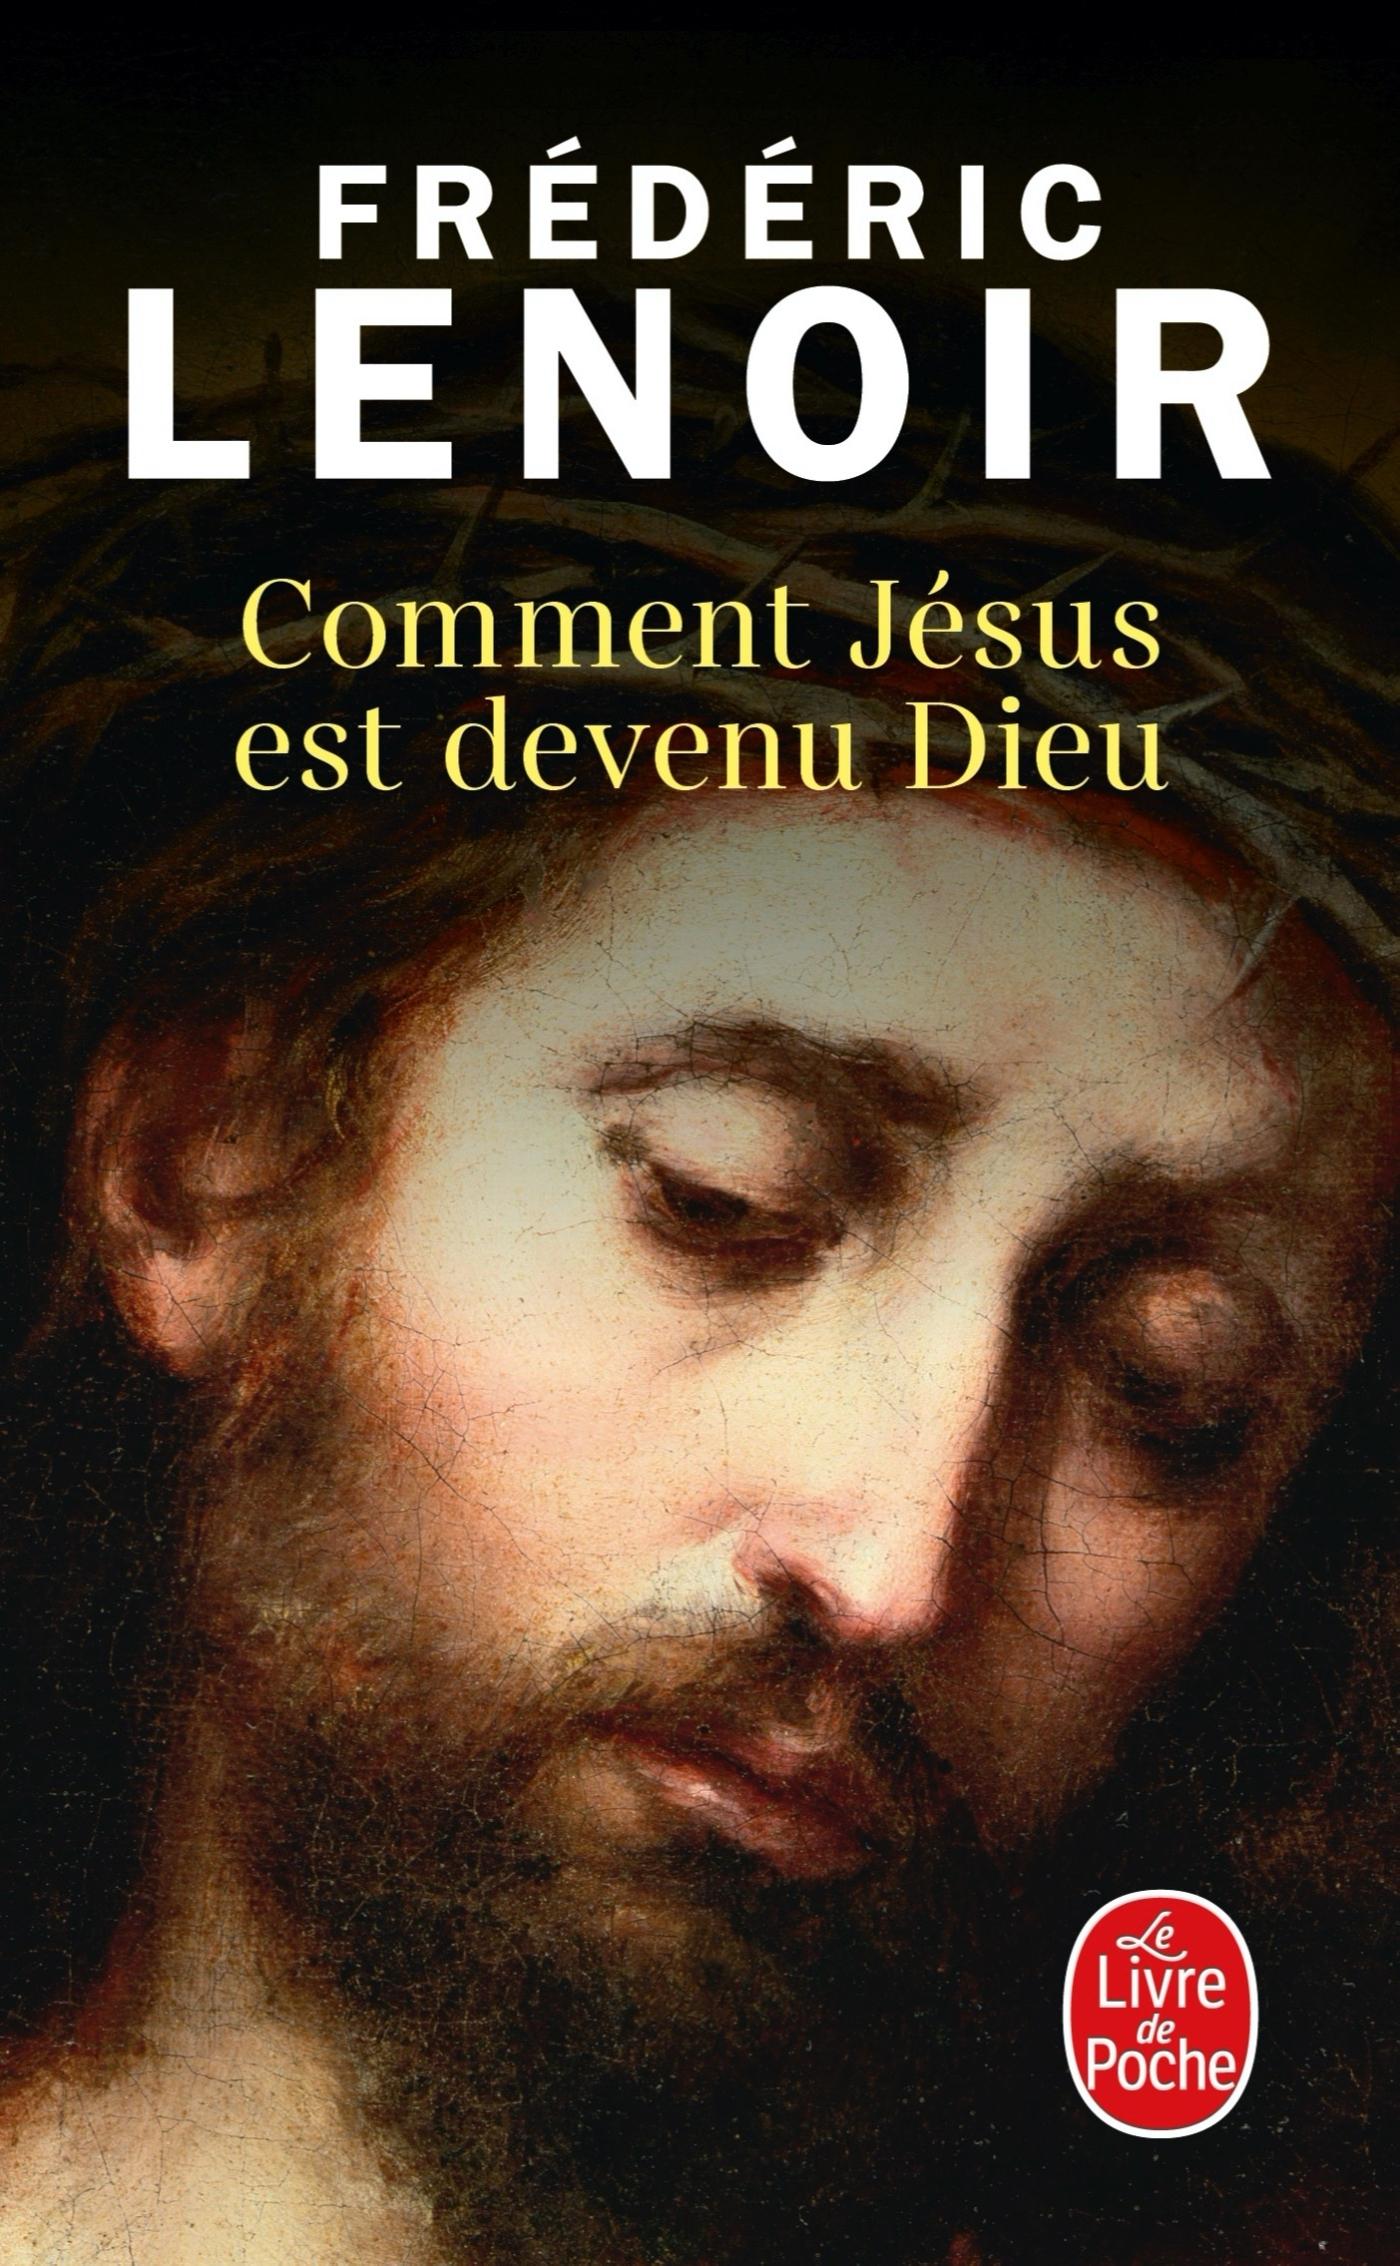 COMMENT JESUS EST DEVENU DIEU